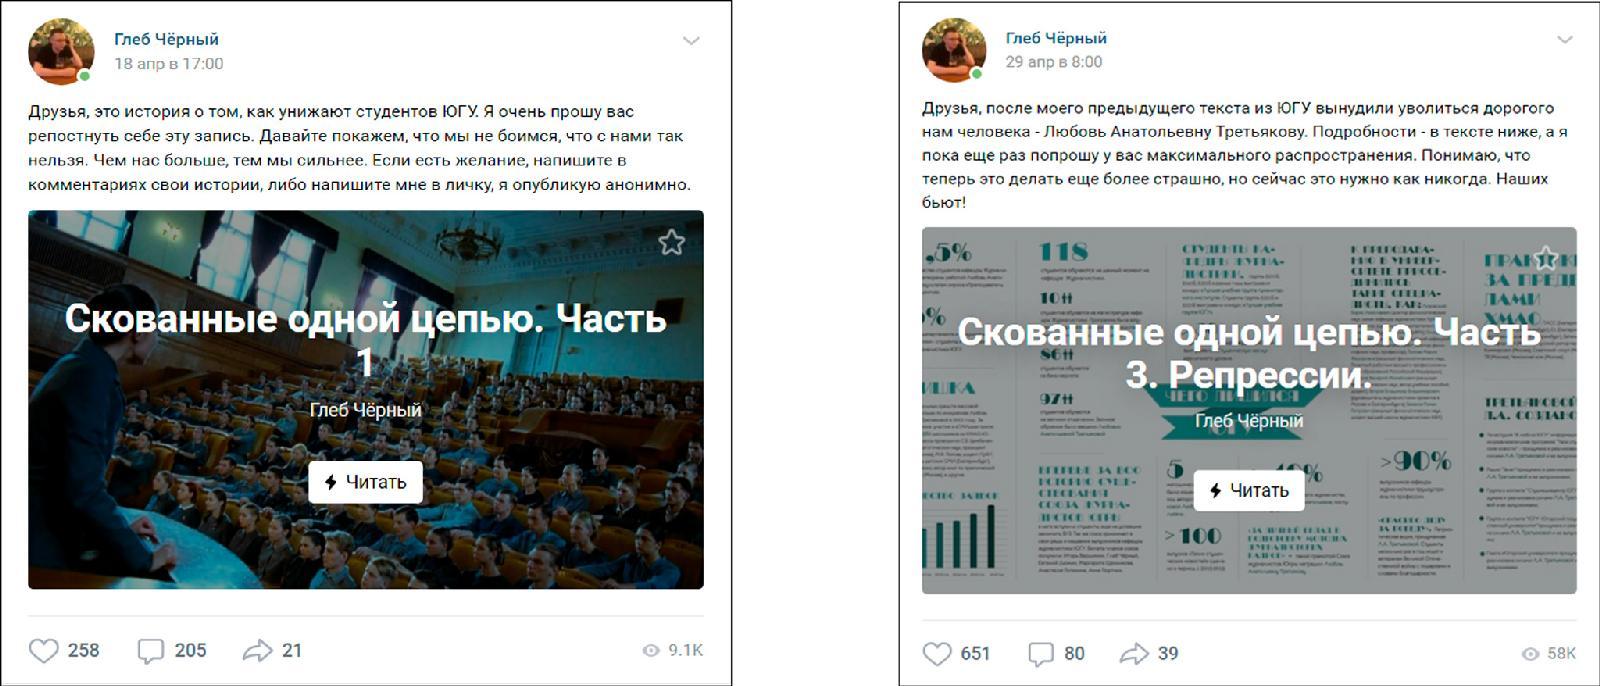 В середине апреля 2019 года Глеб Черный попал в центр громкого университетского скандала